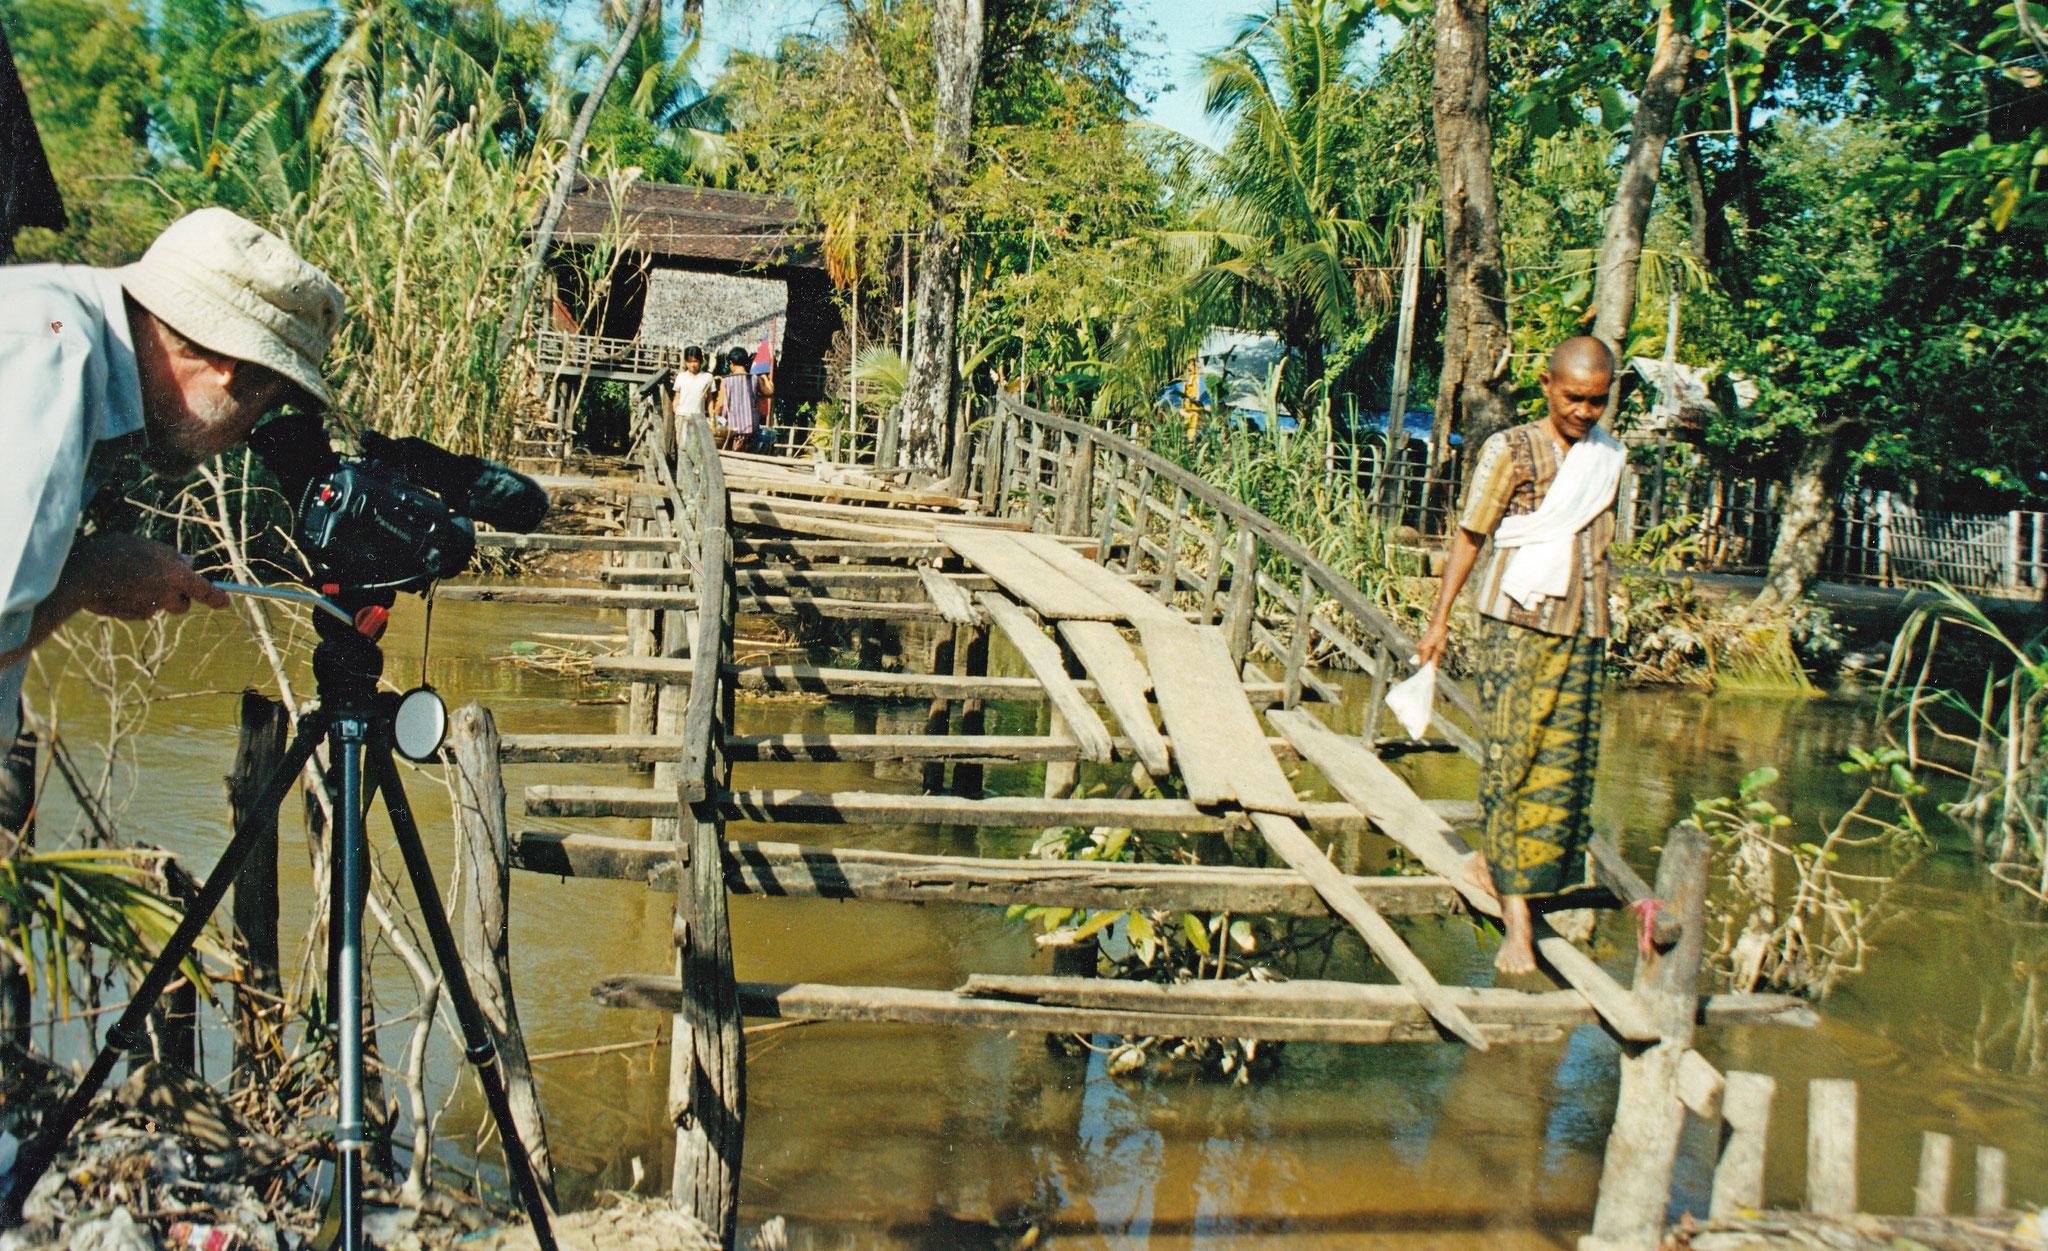 Flussüberquerung mit Mut zur Balance, Kambodscha